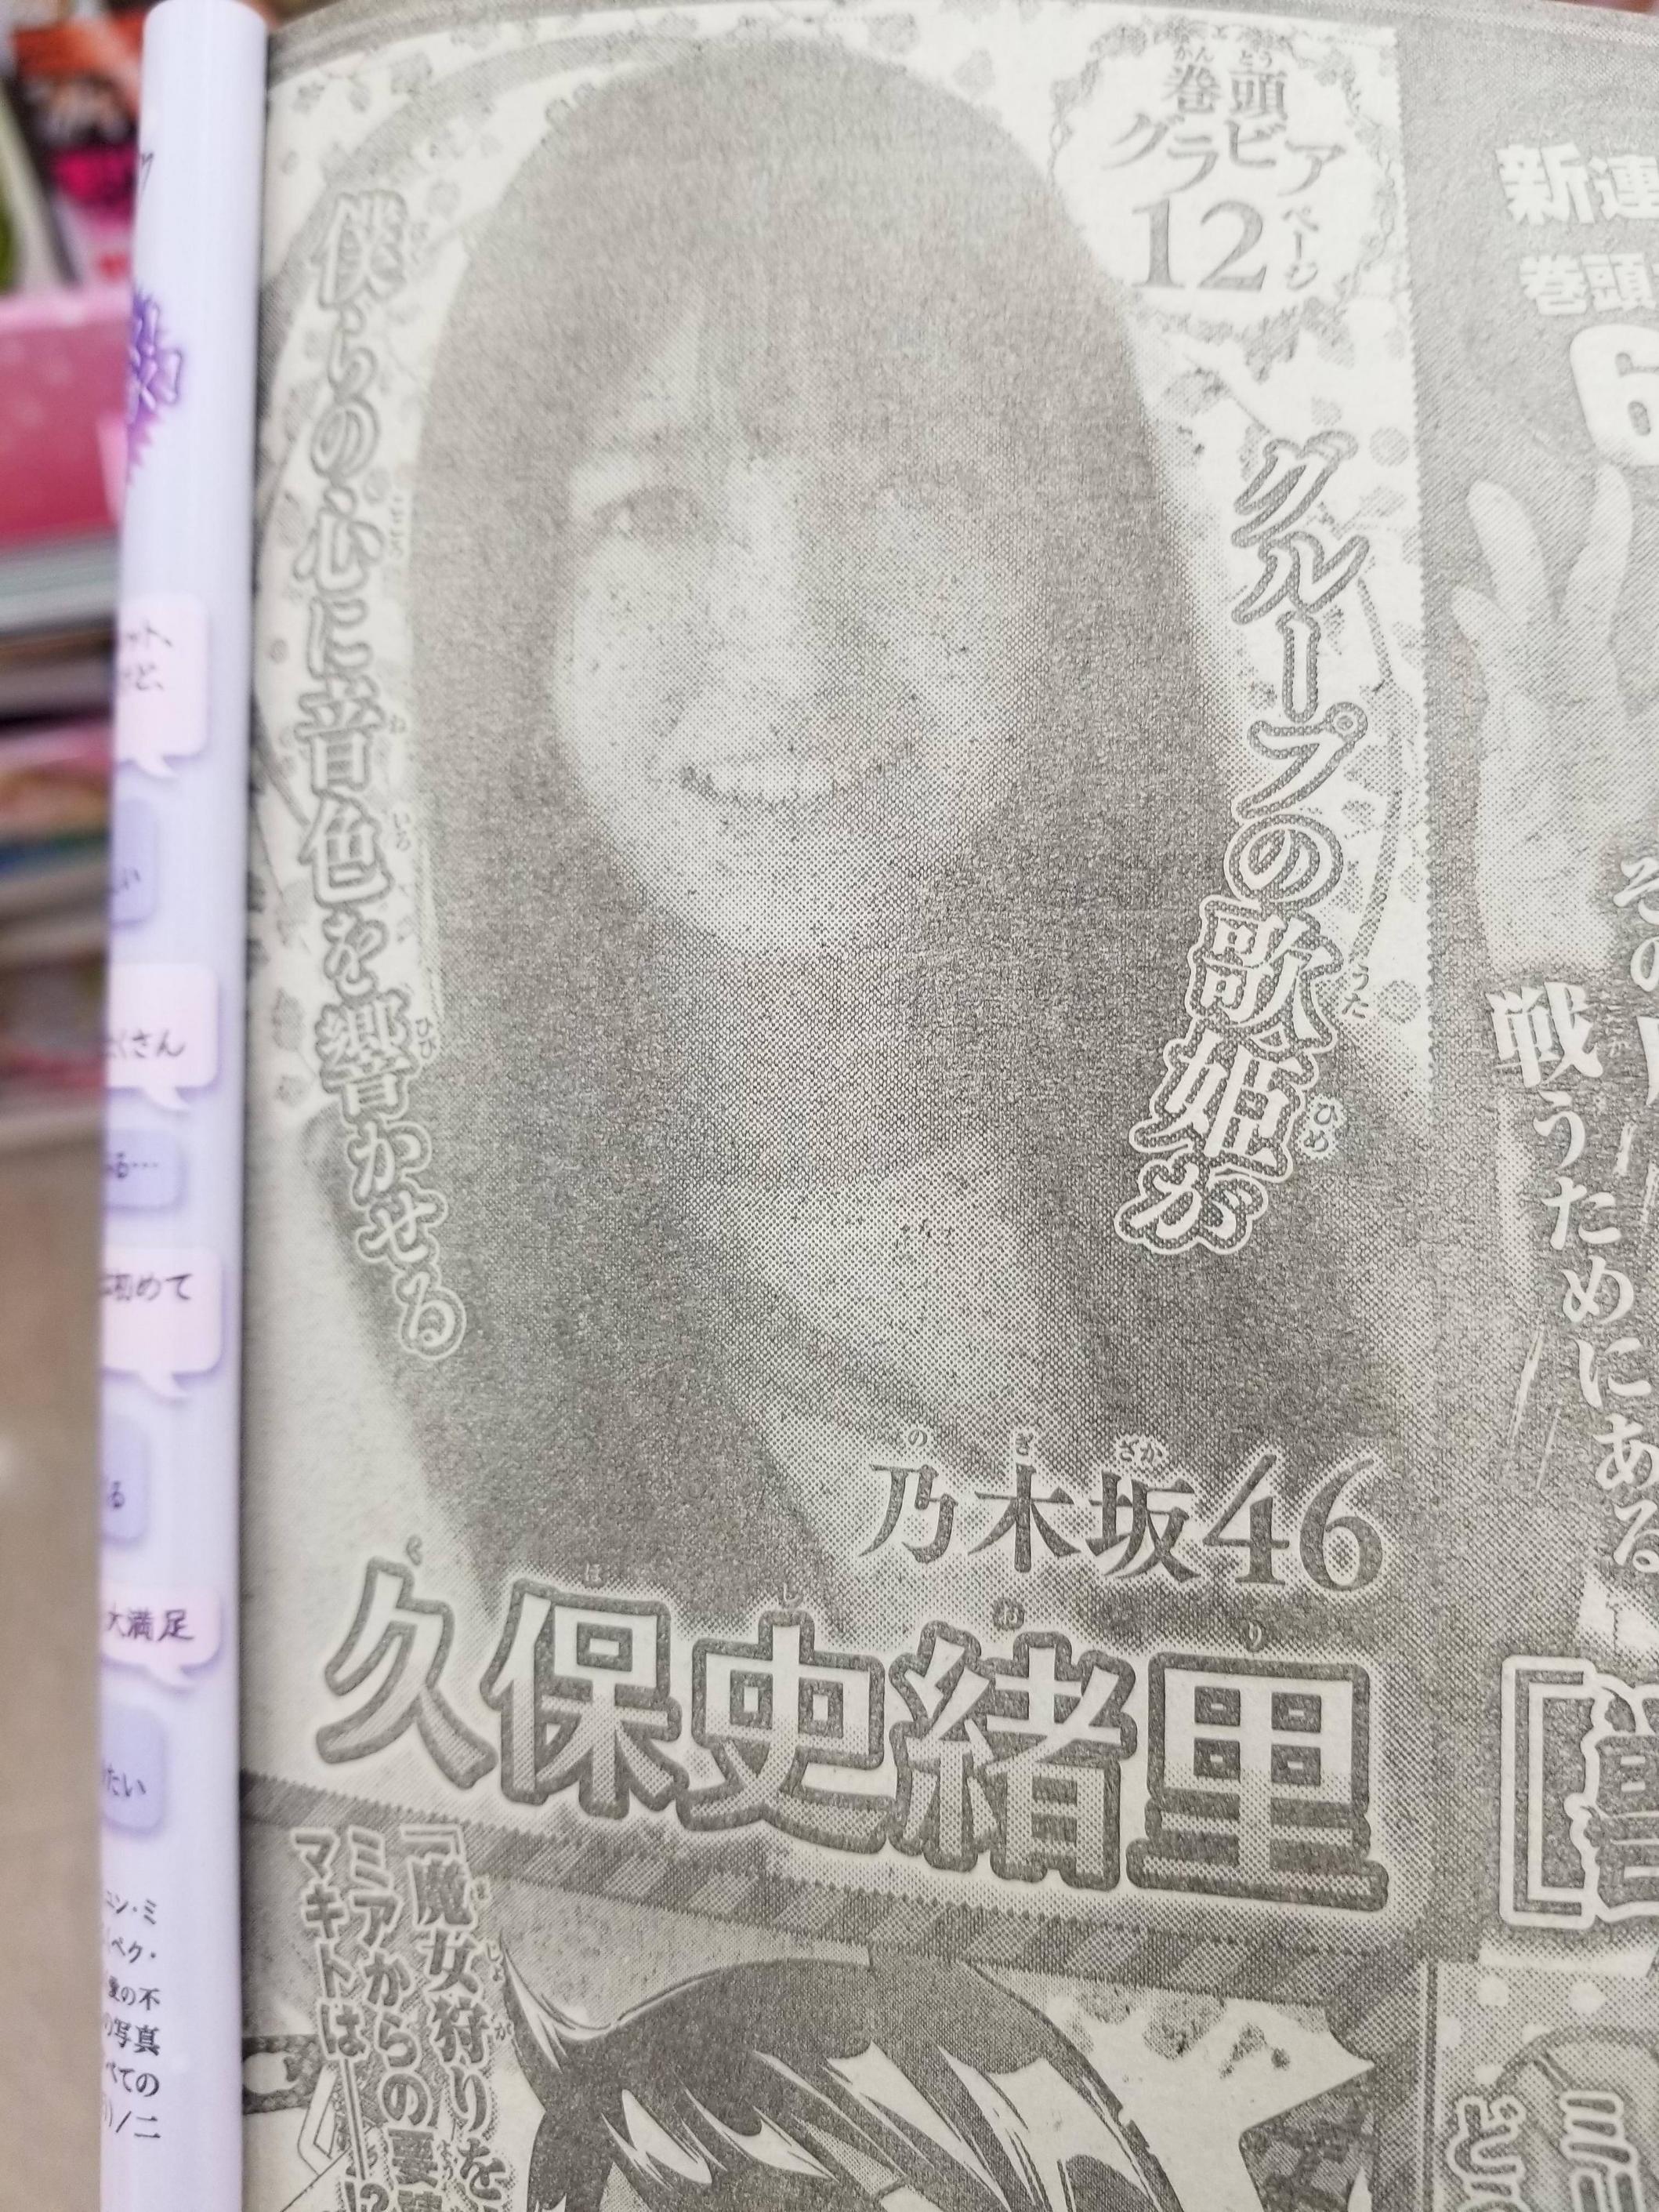 週刊少年マガジン「乃木坂46久保史緒里はグループの歌姫」